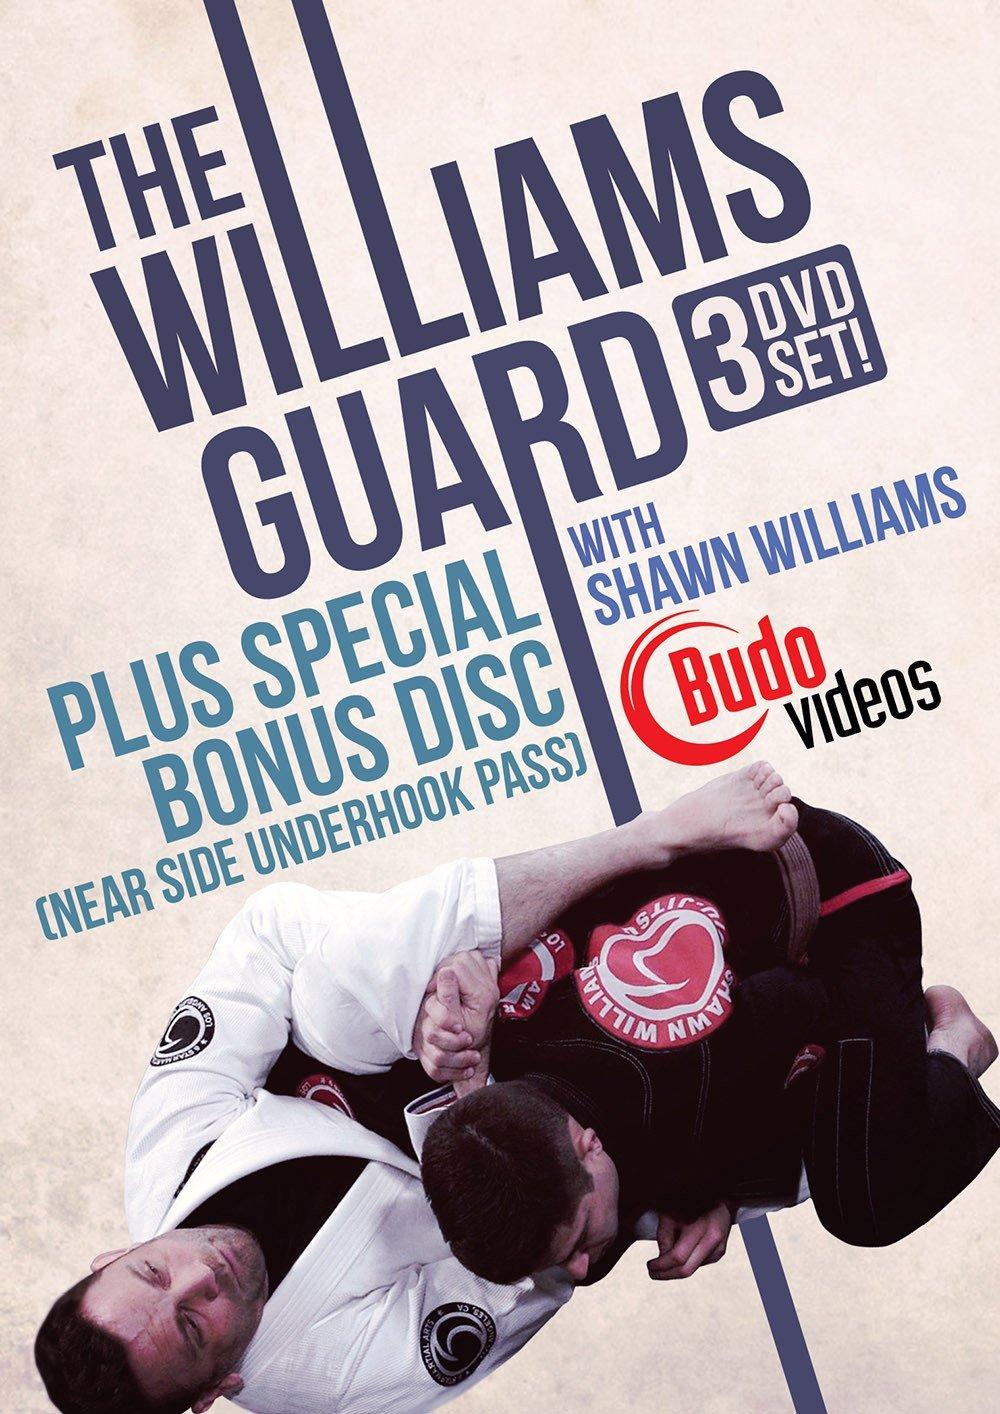 シェーン・ウィリアムス ウィリアムス・ガード 3枚組|ブラジリアン柔術教則DVD